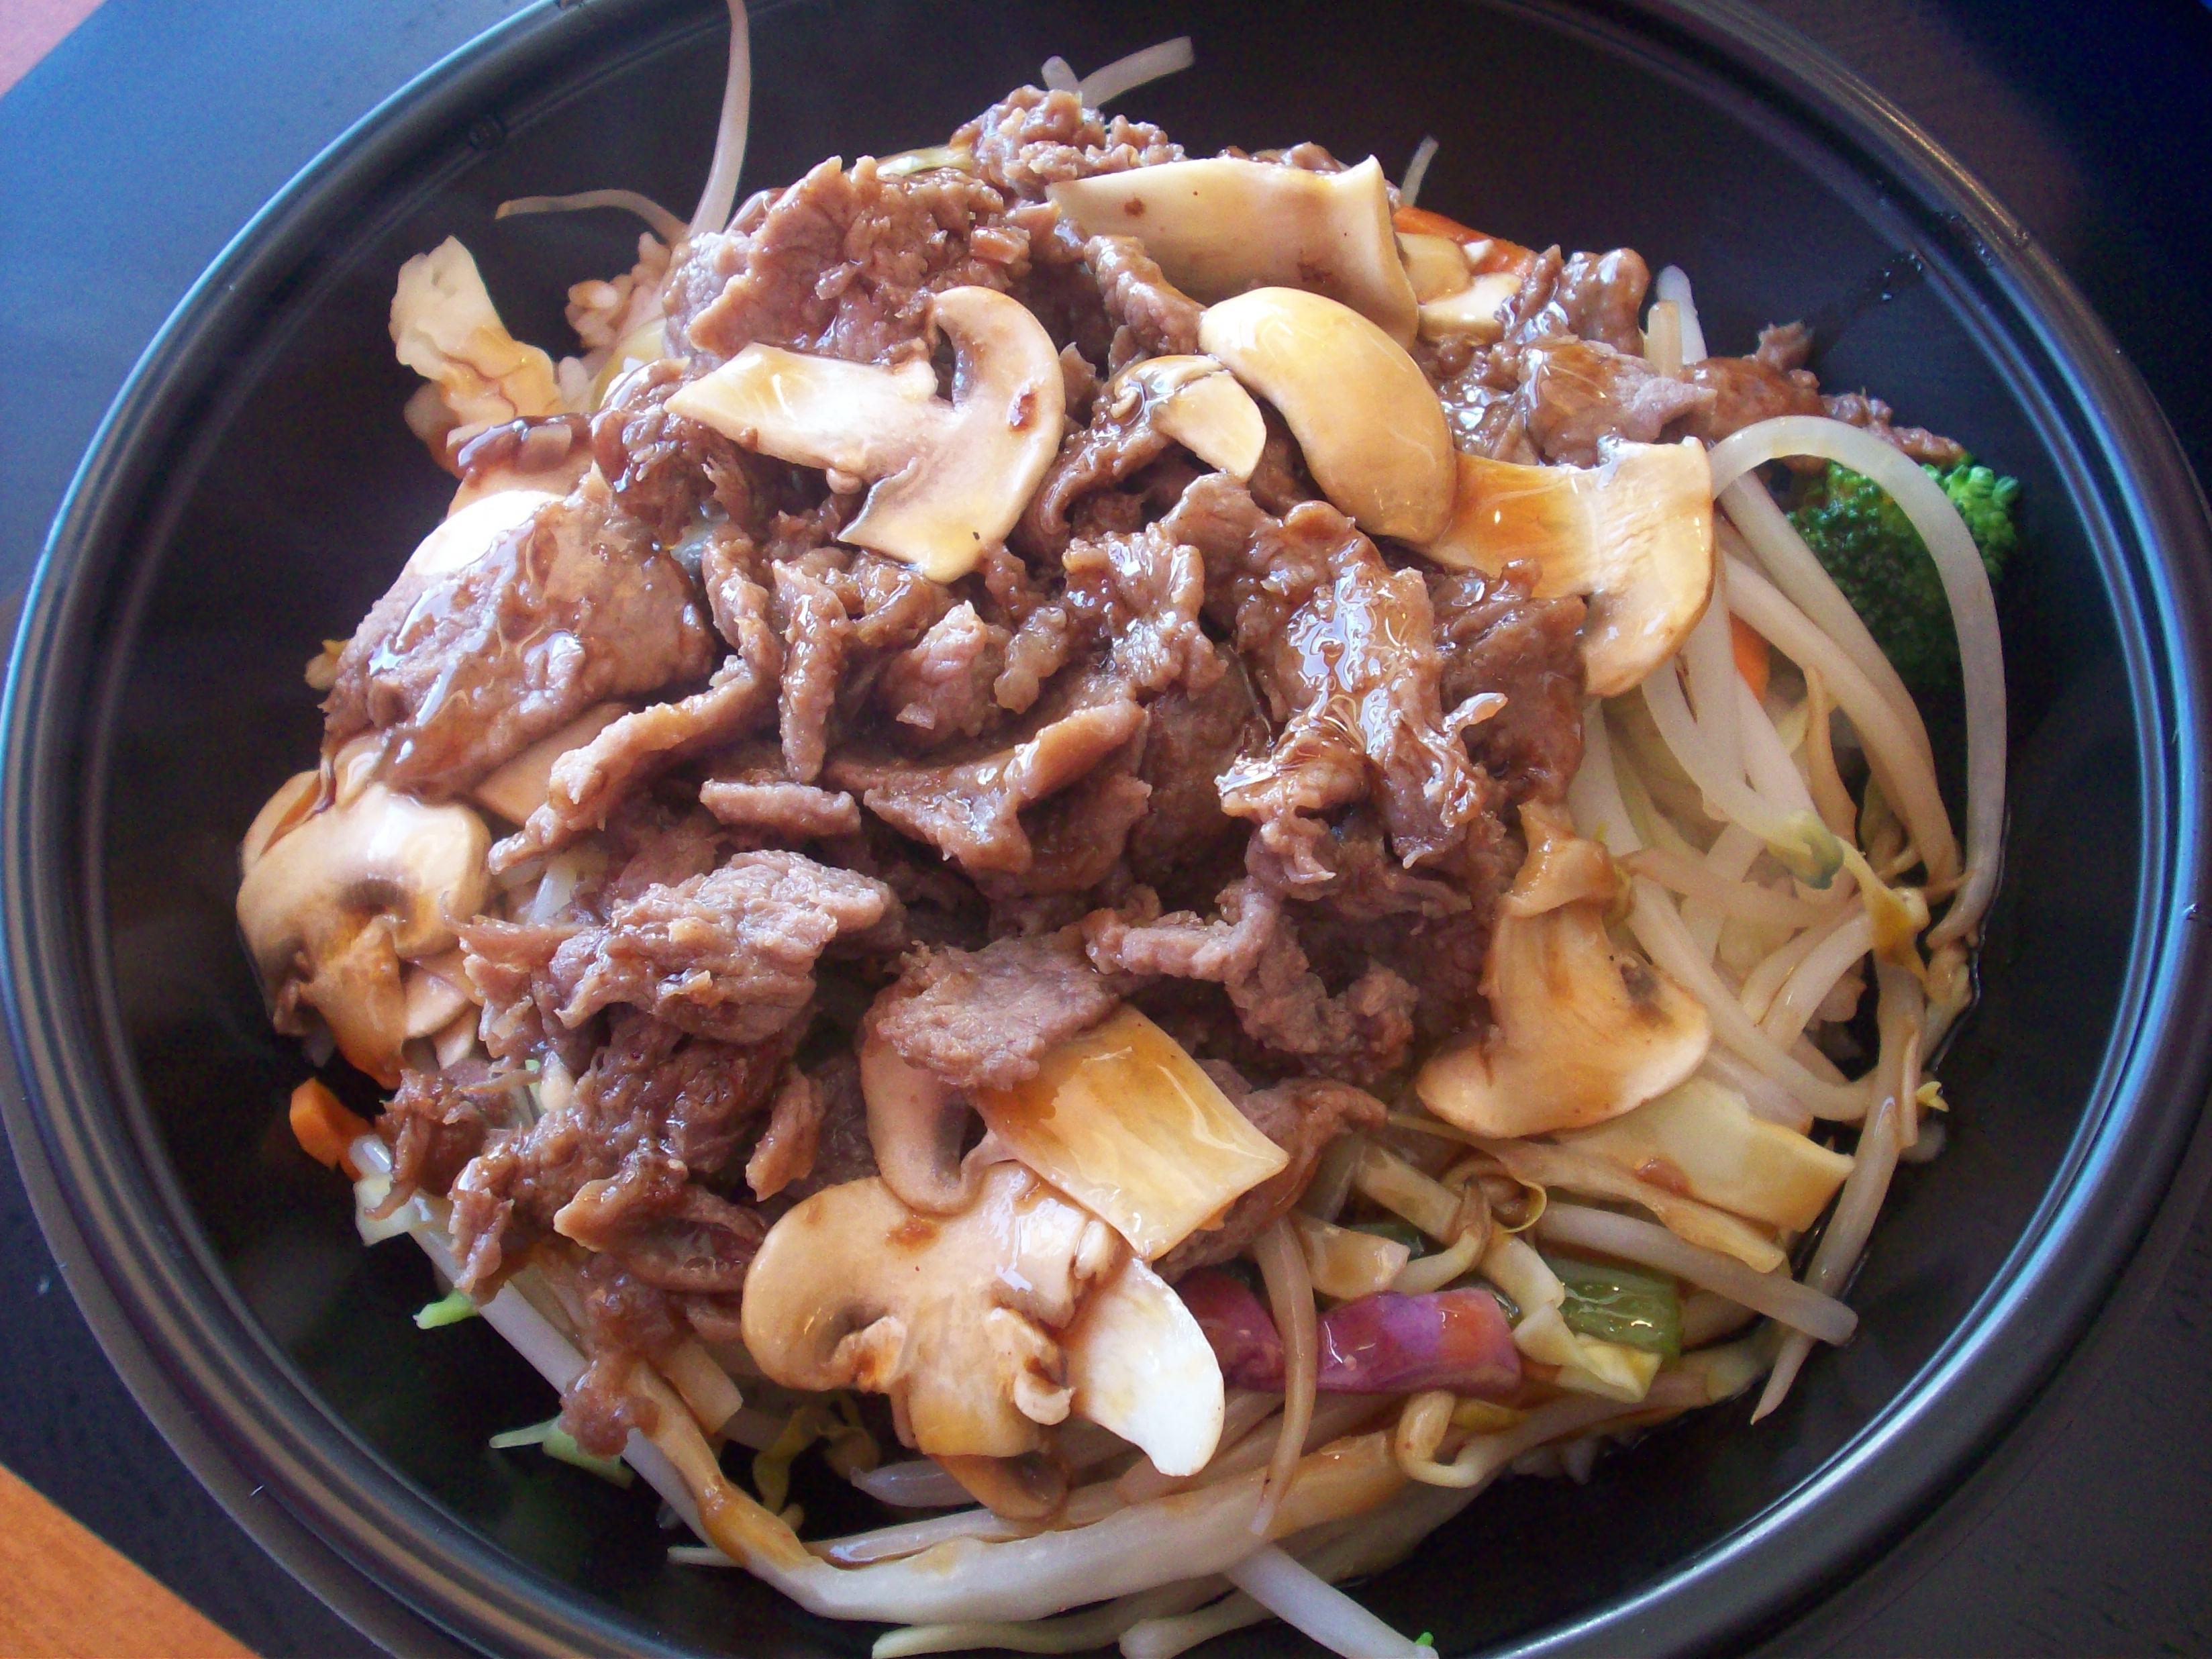 http://foodloader.net/cutie_2010-10-09_Beef_Teriyaki.jpg